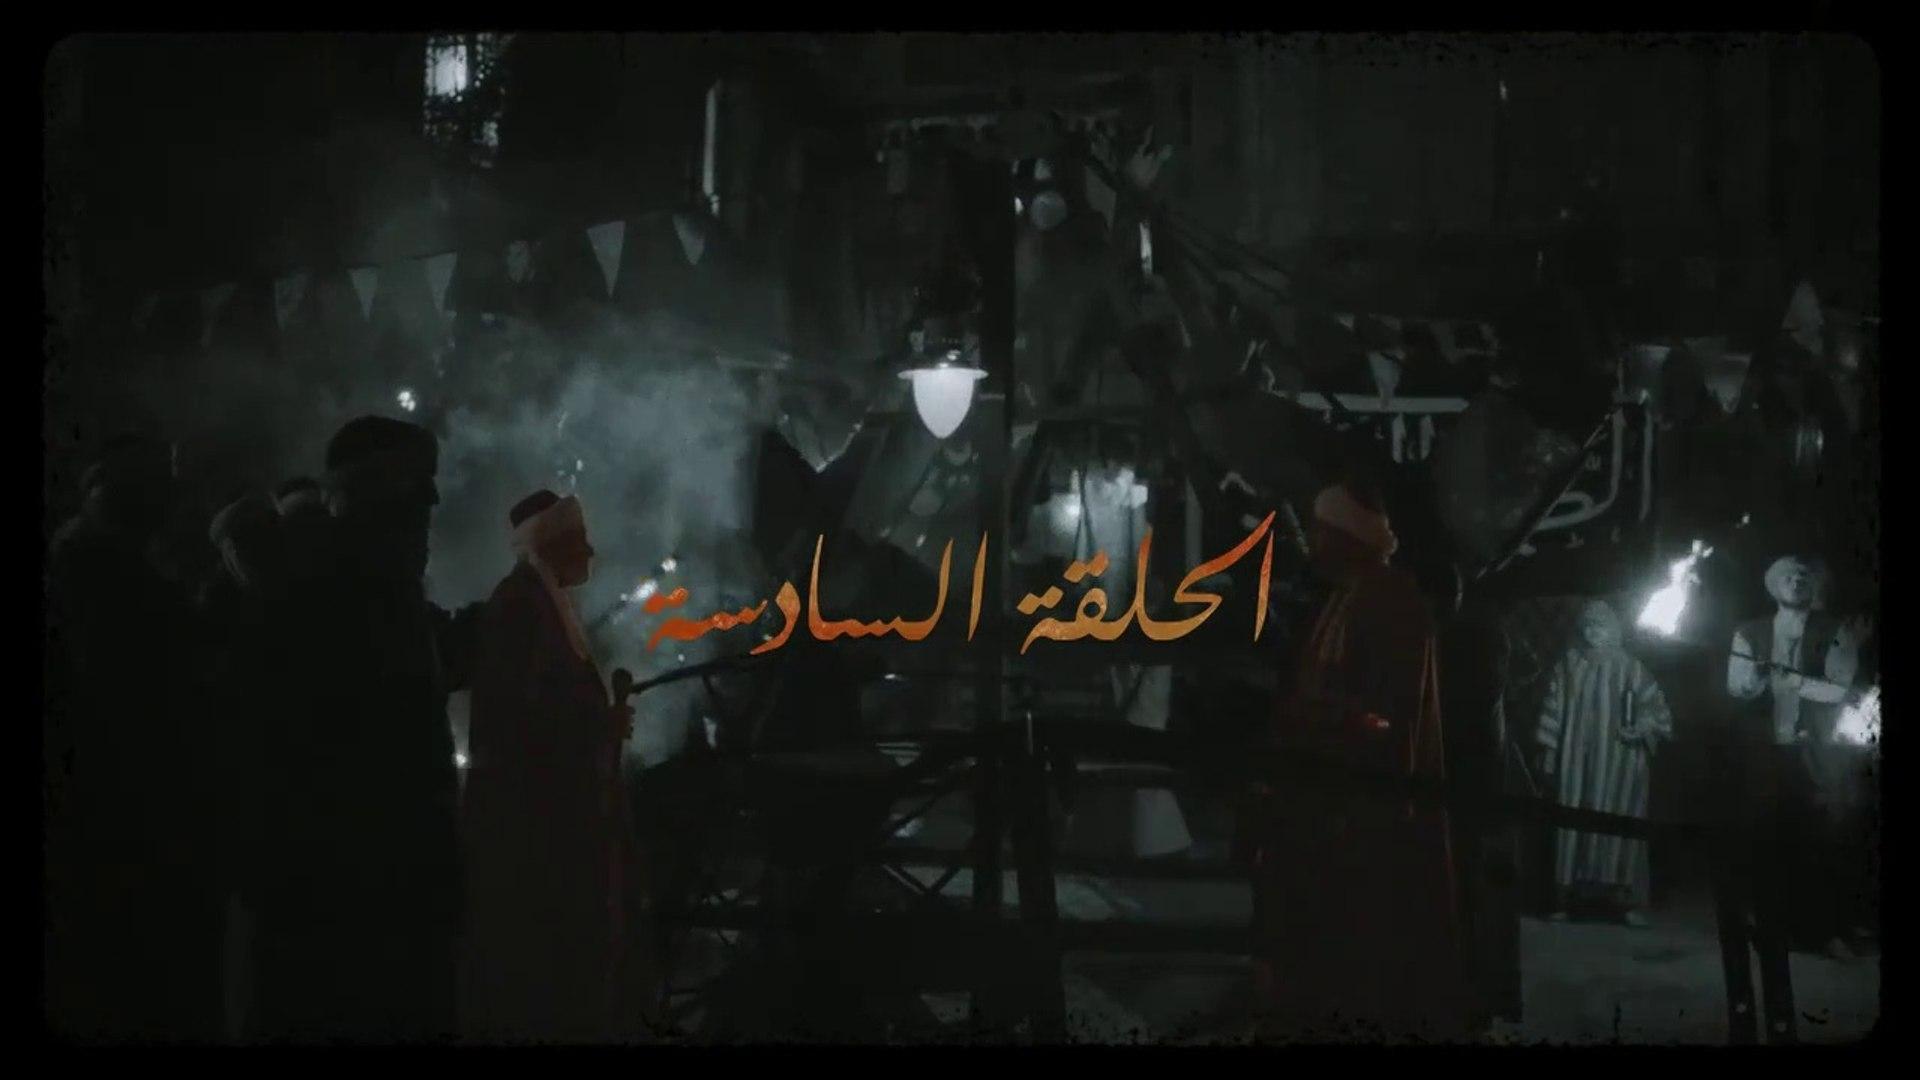 مسلسل الفتوة الحلقة 6 HD - مسلسل الفتوة الحلقة 6 السادسة ياسر جلال رمضان 2020